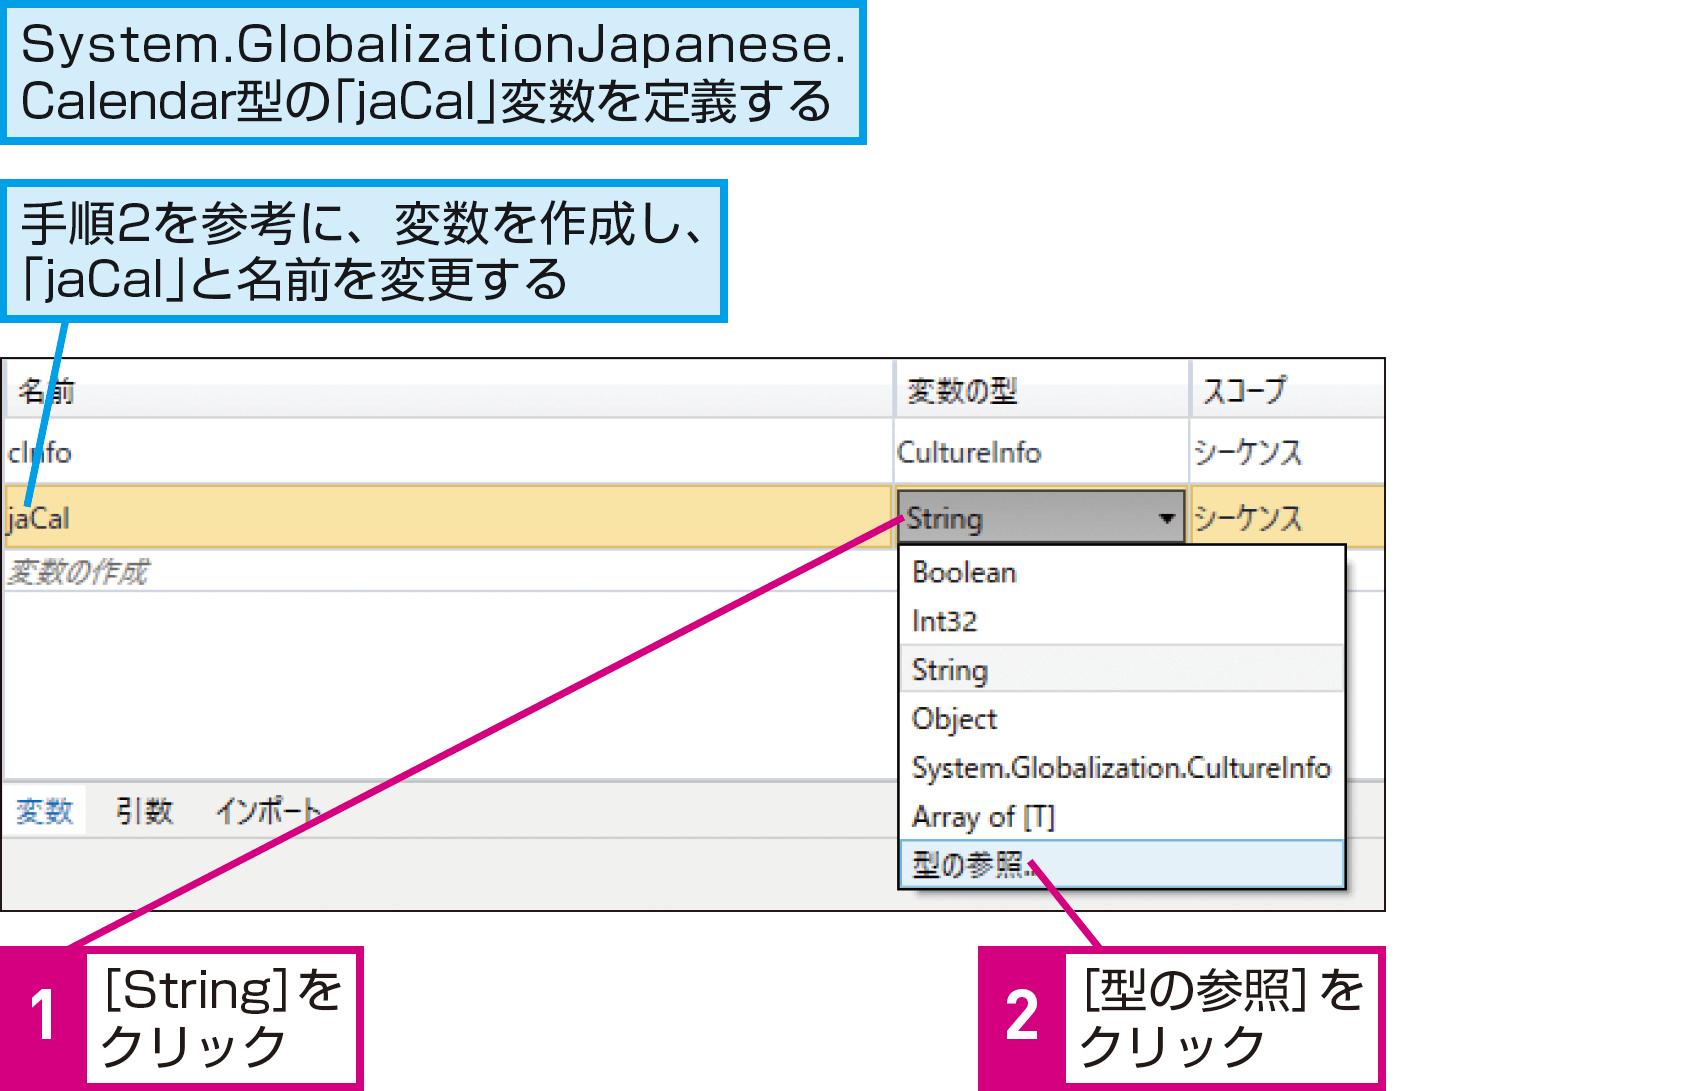 西暦から和暦へ変更するには(変数とインスタンス) - できるUiPath